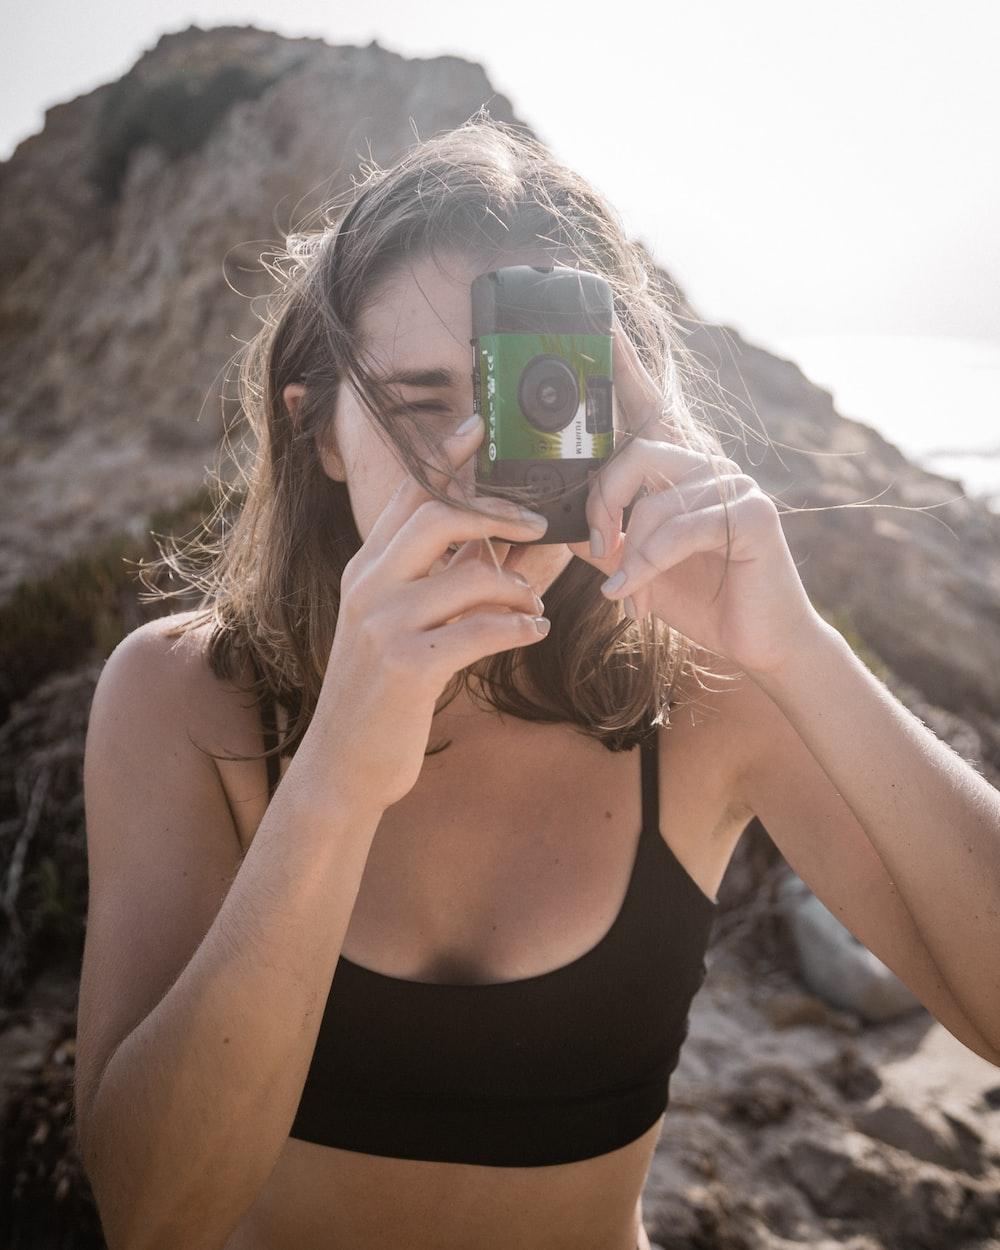 woman takes photo